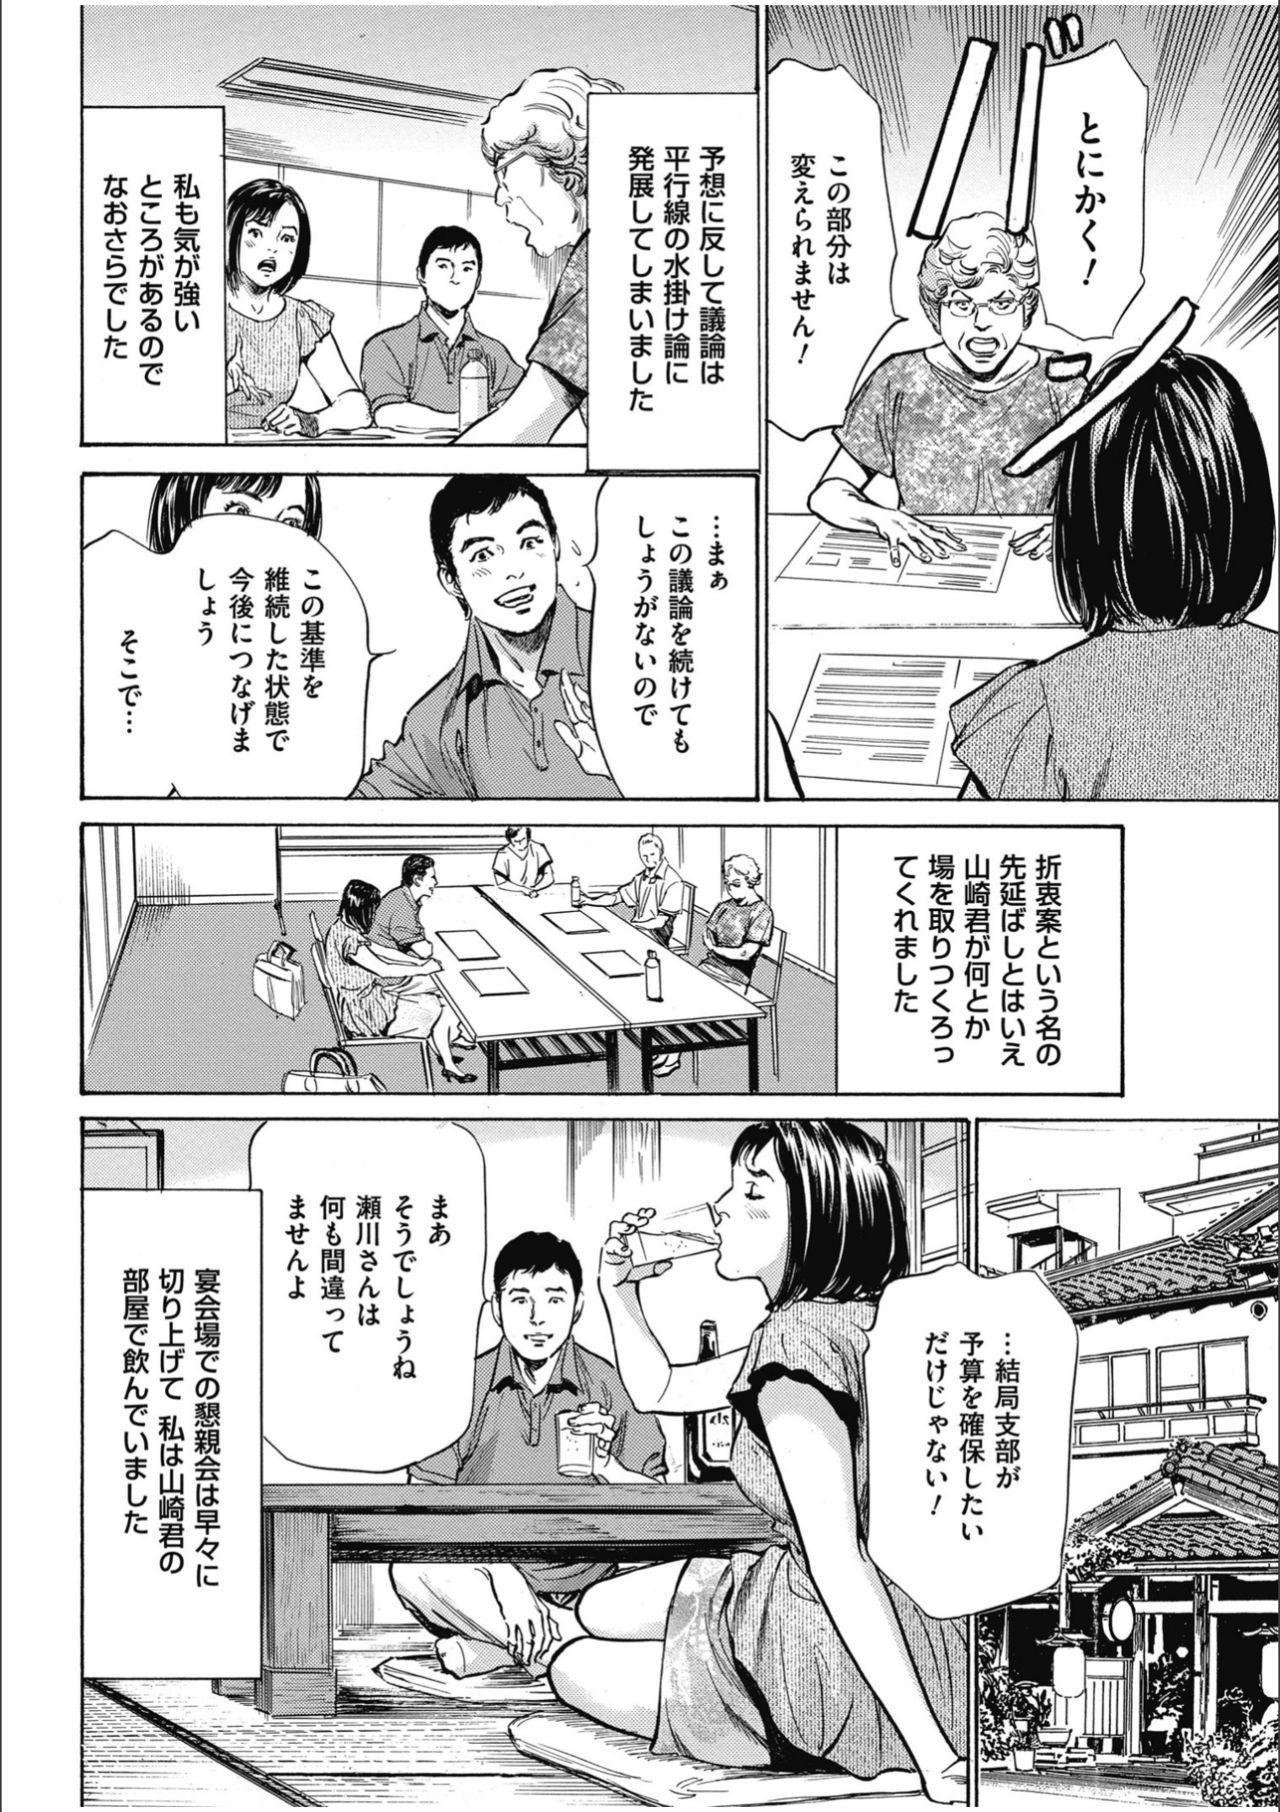 八月薫傑作マジセレ Hな体験教えます 女性投稿12連発 41